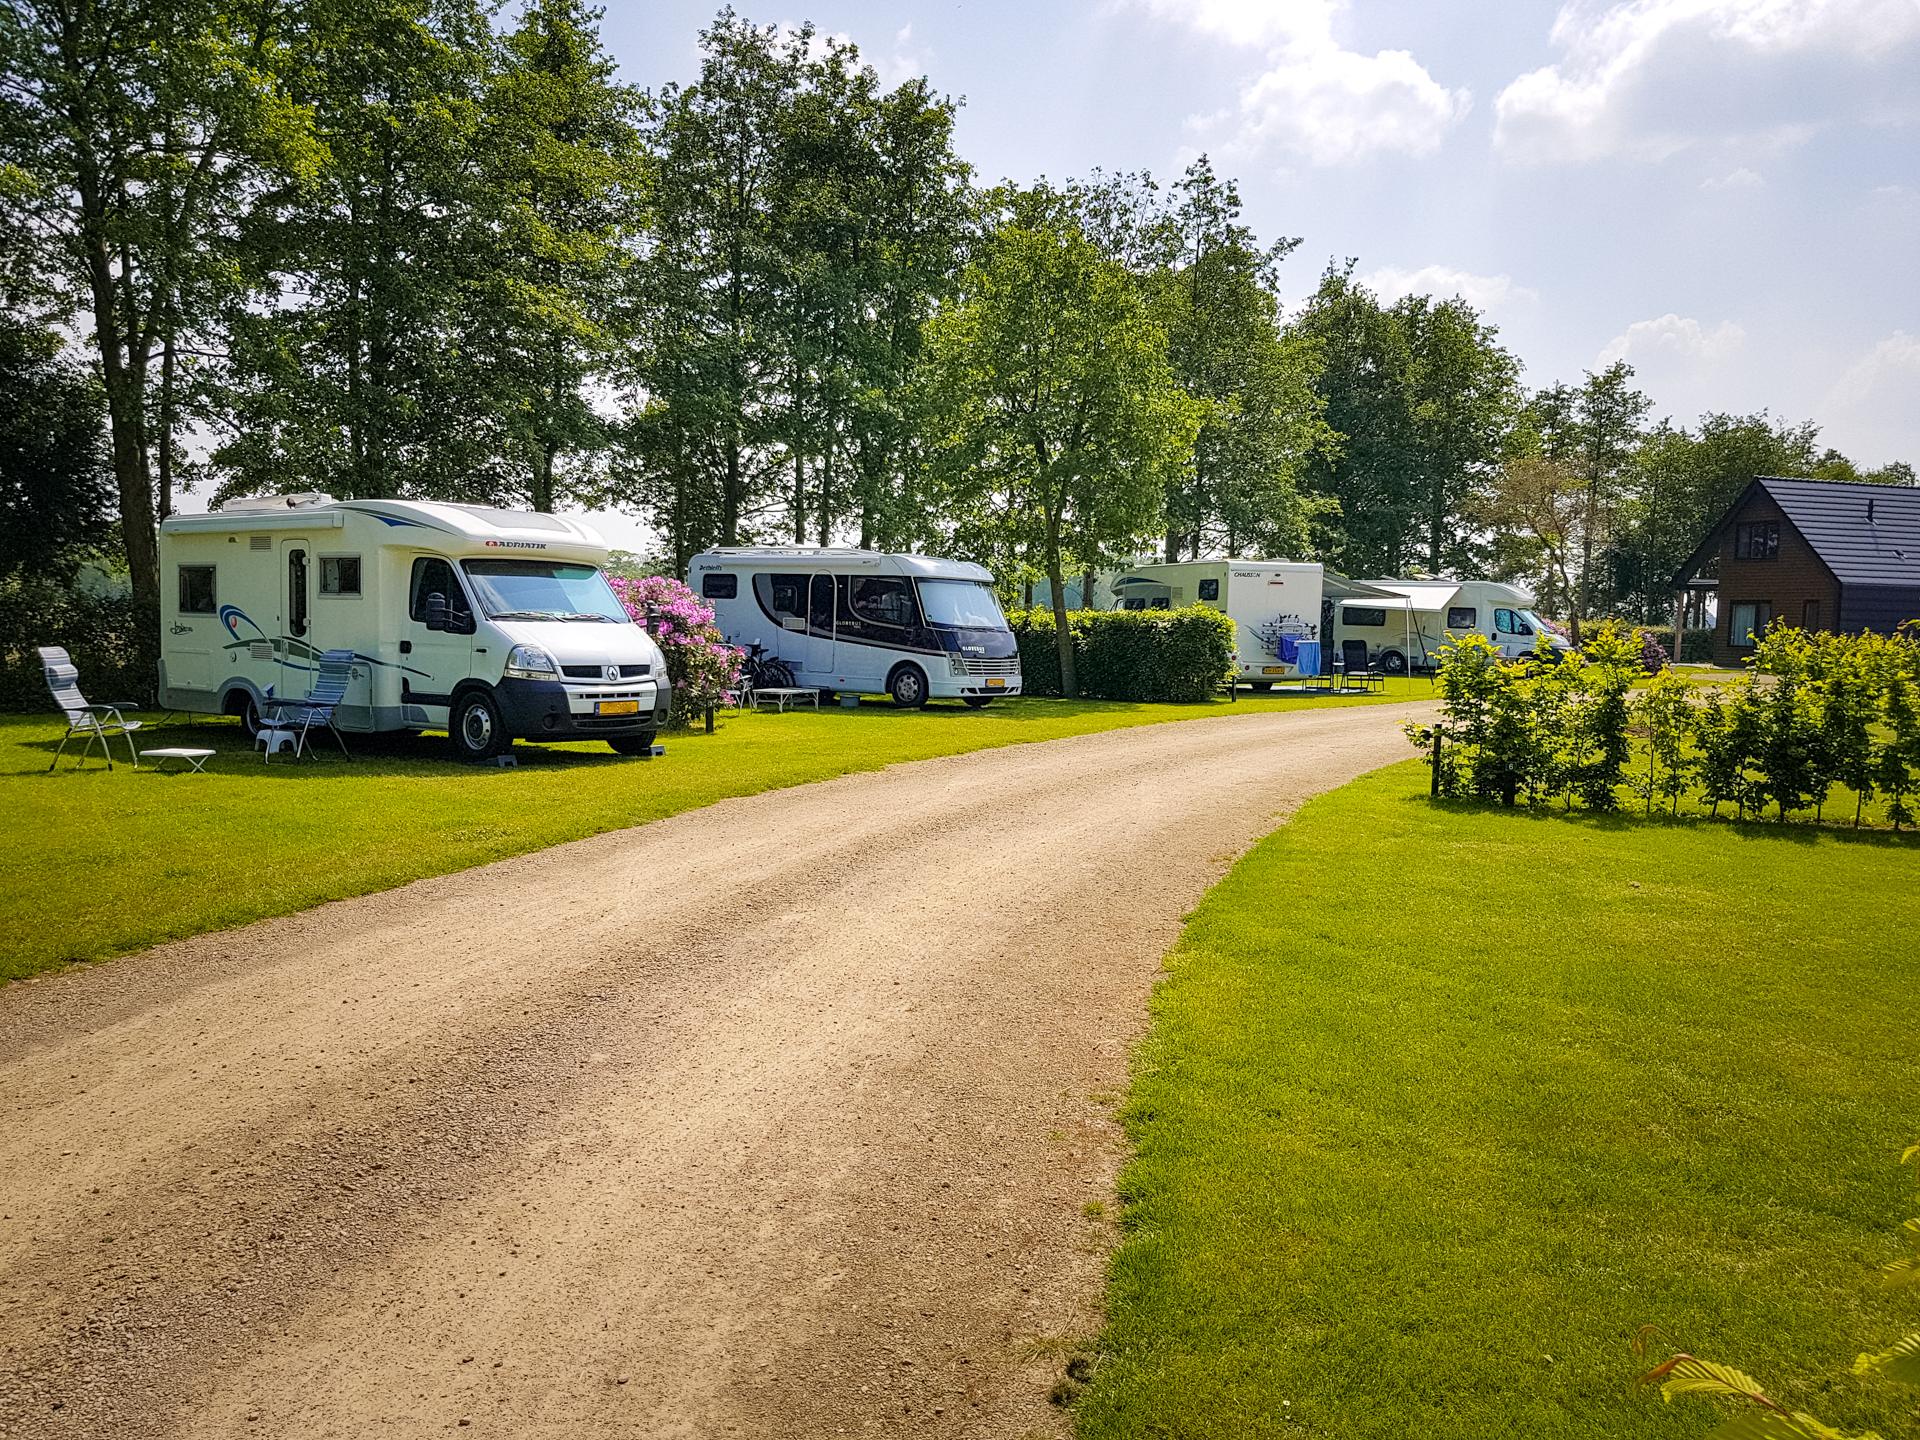 campers in het begin van de cirkel. verharde ondergrond met uitzicht over het terrein en omgeving.